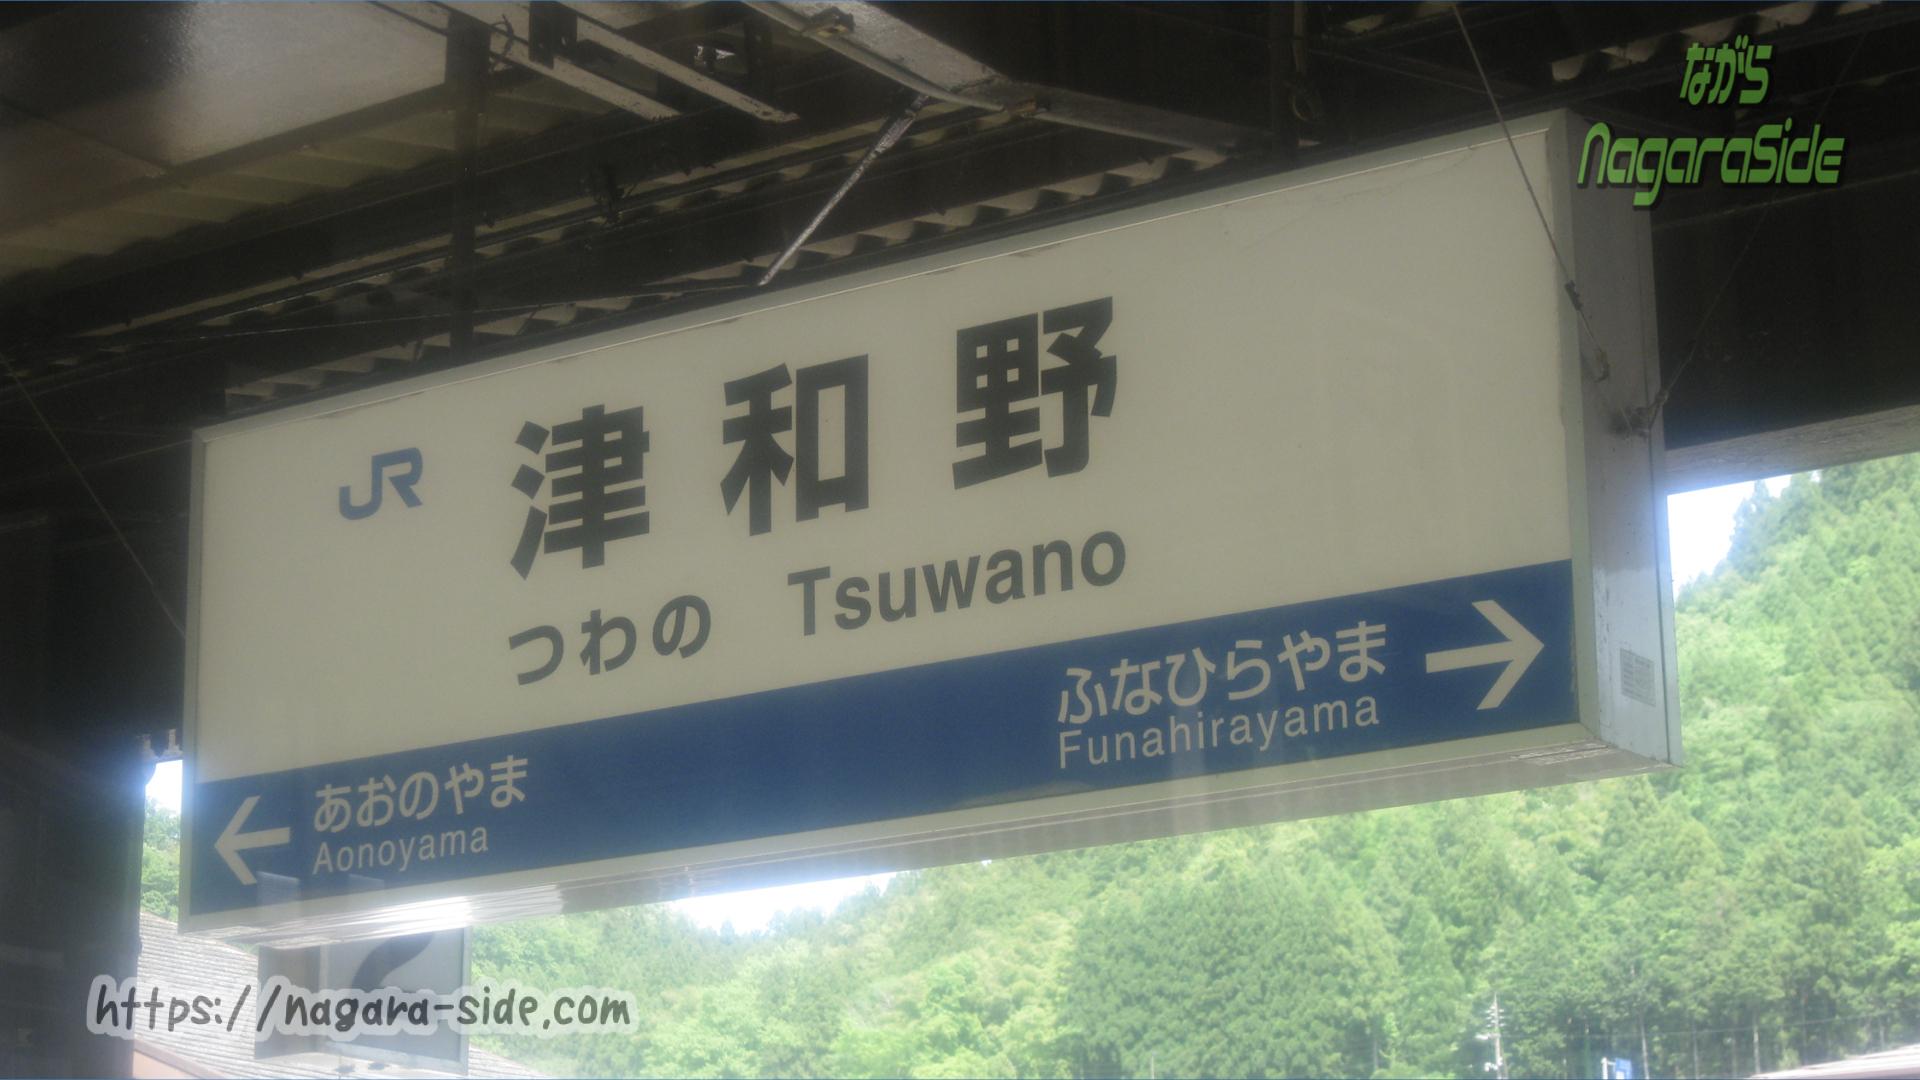 津和野駅の駅名標